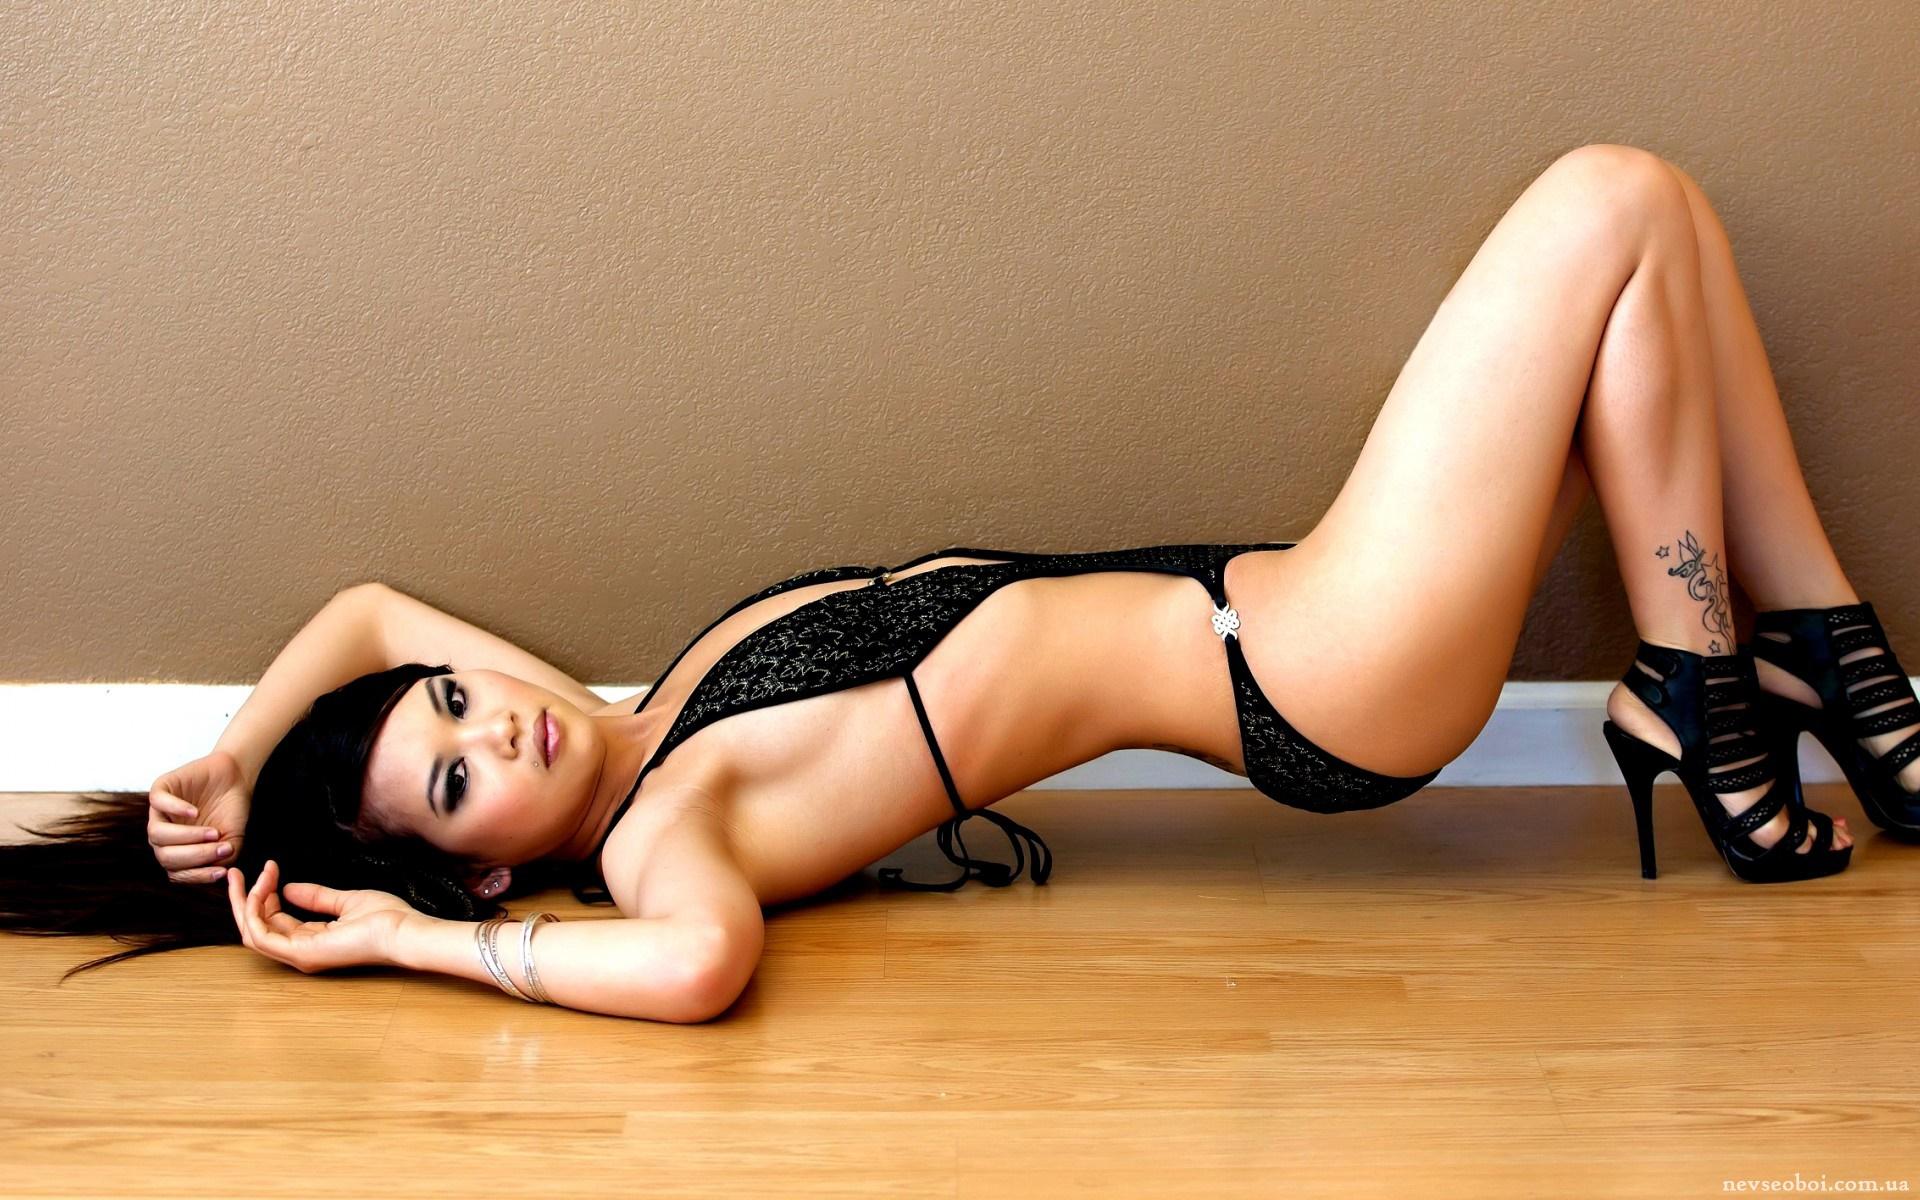 seksualnaya-aziatka-model